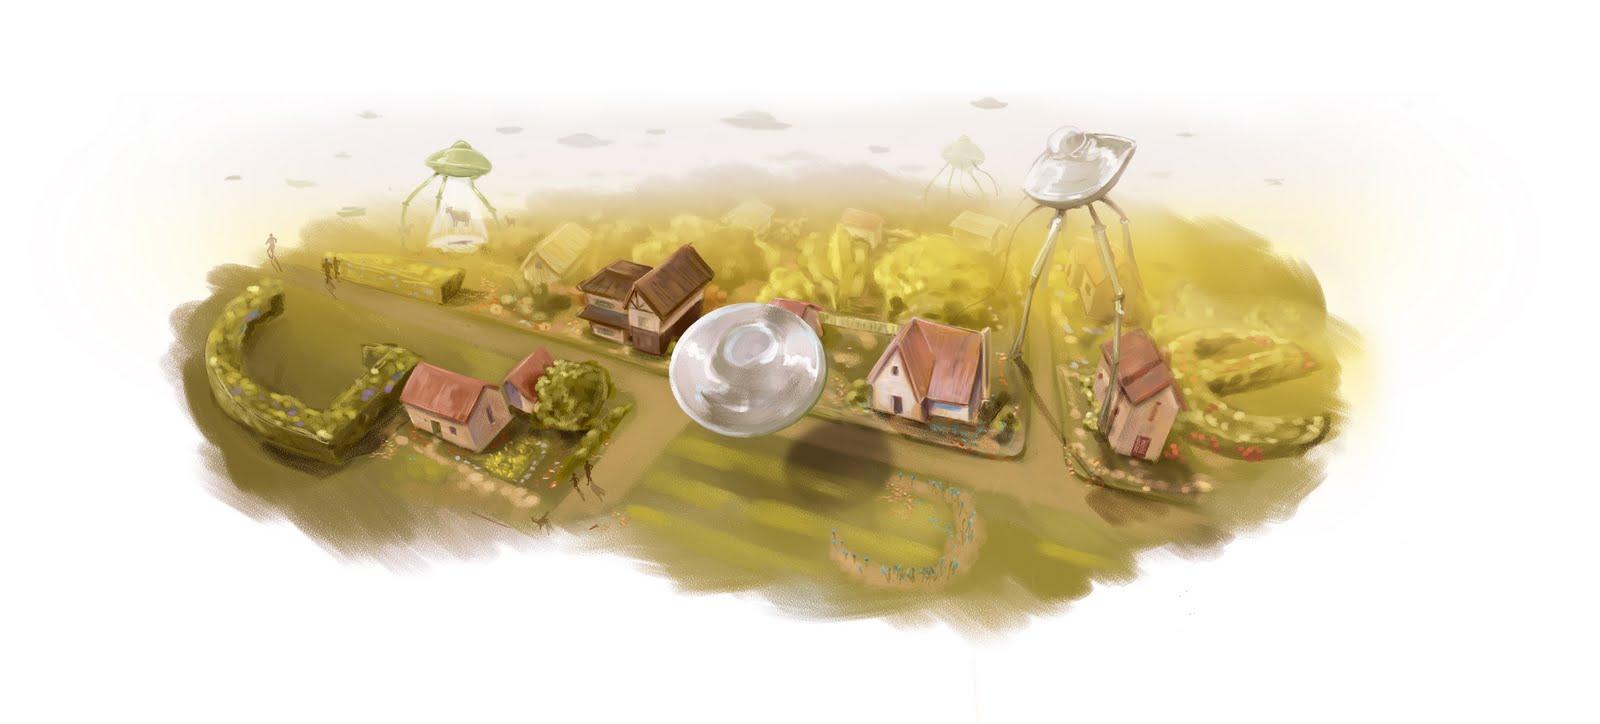 GoogleWells3